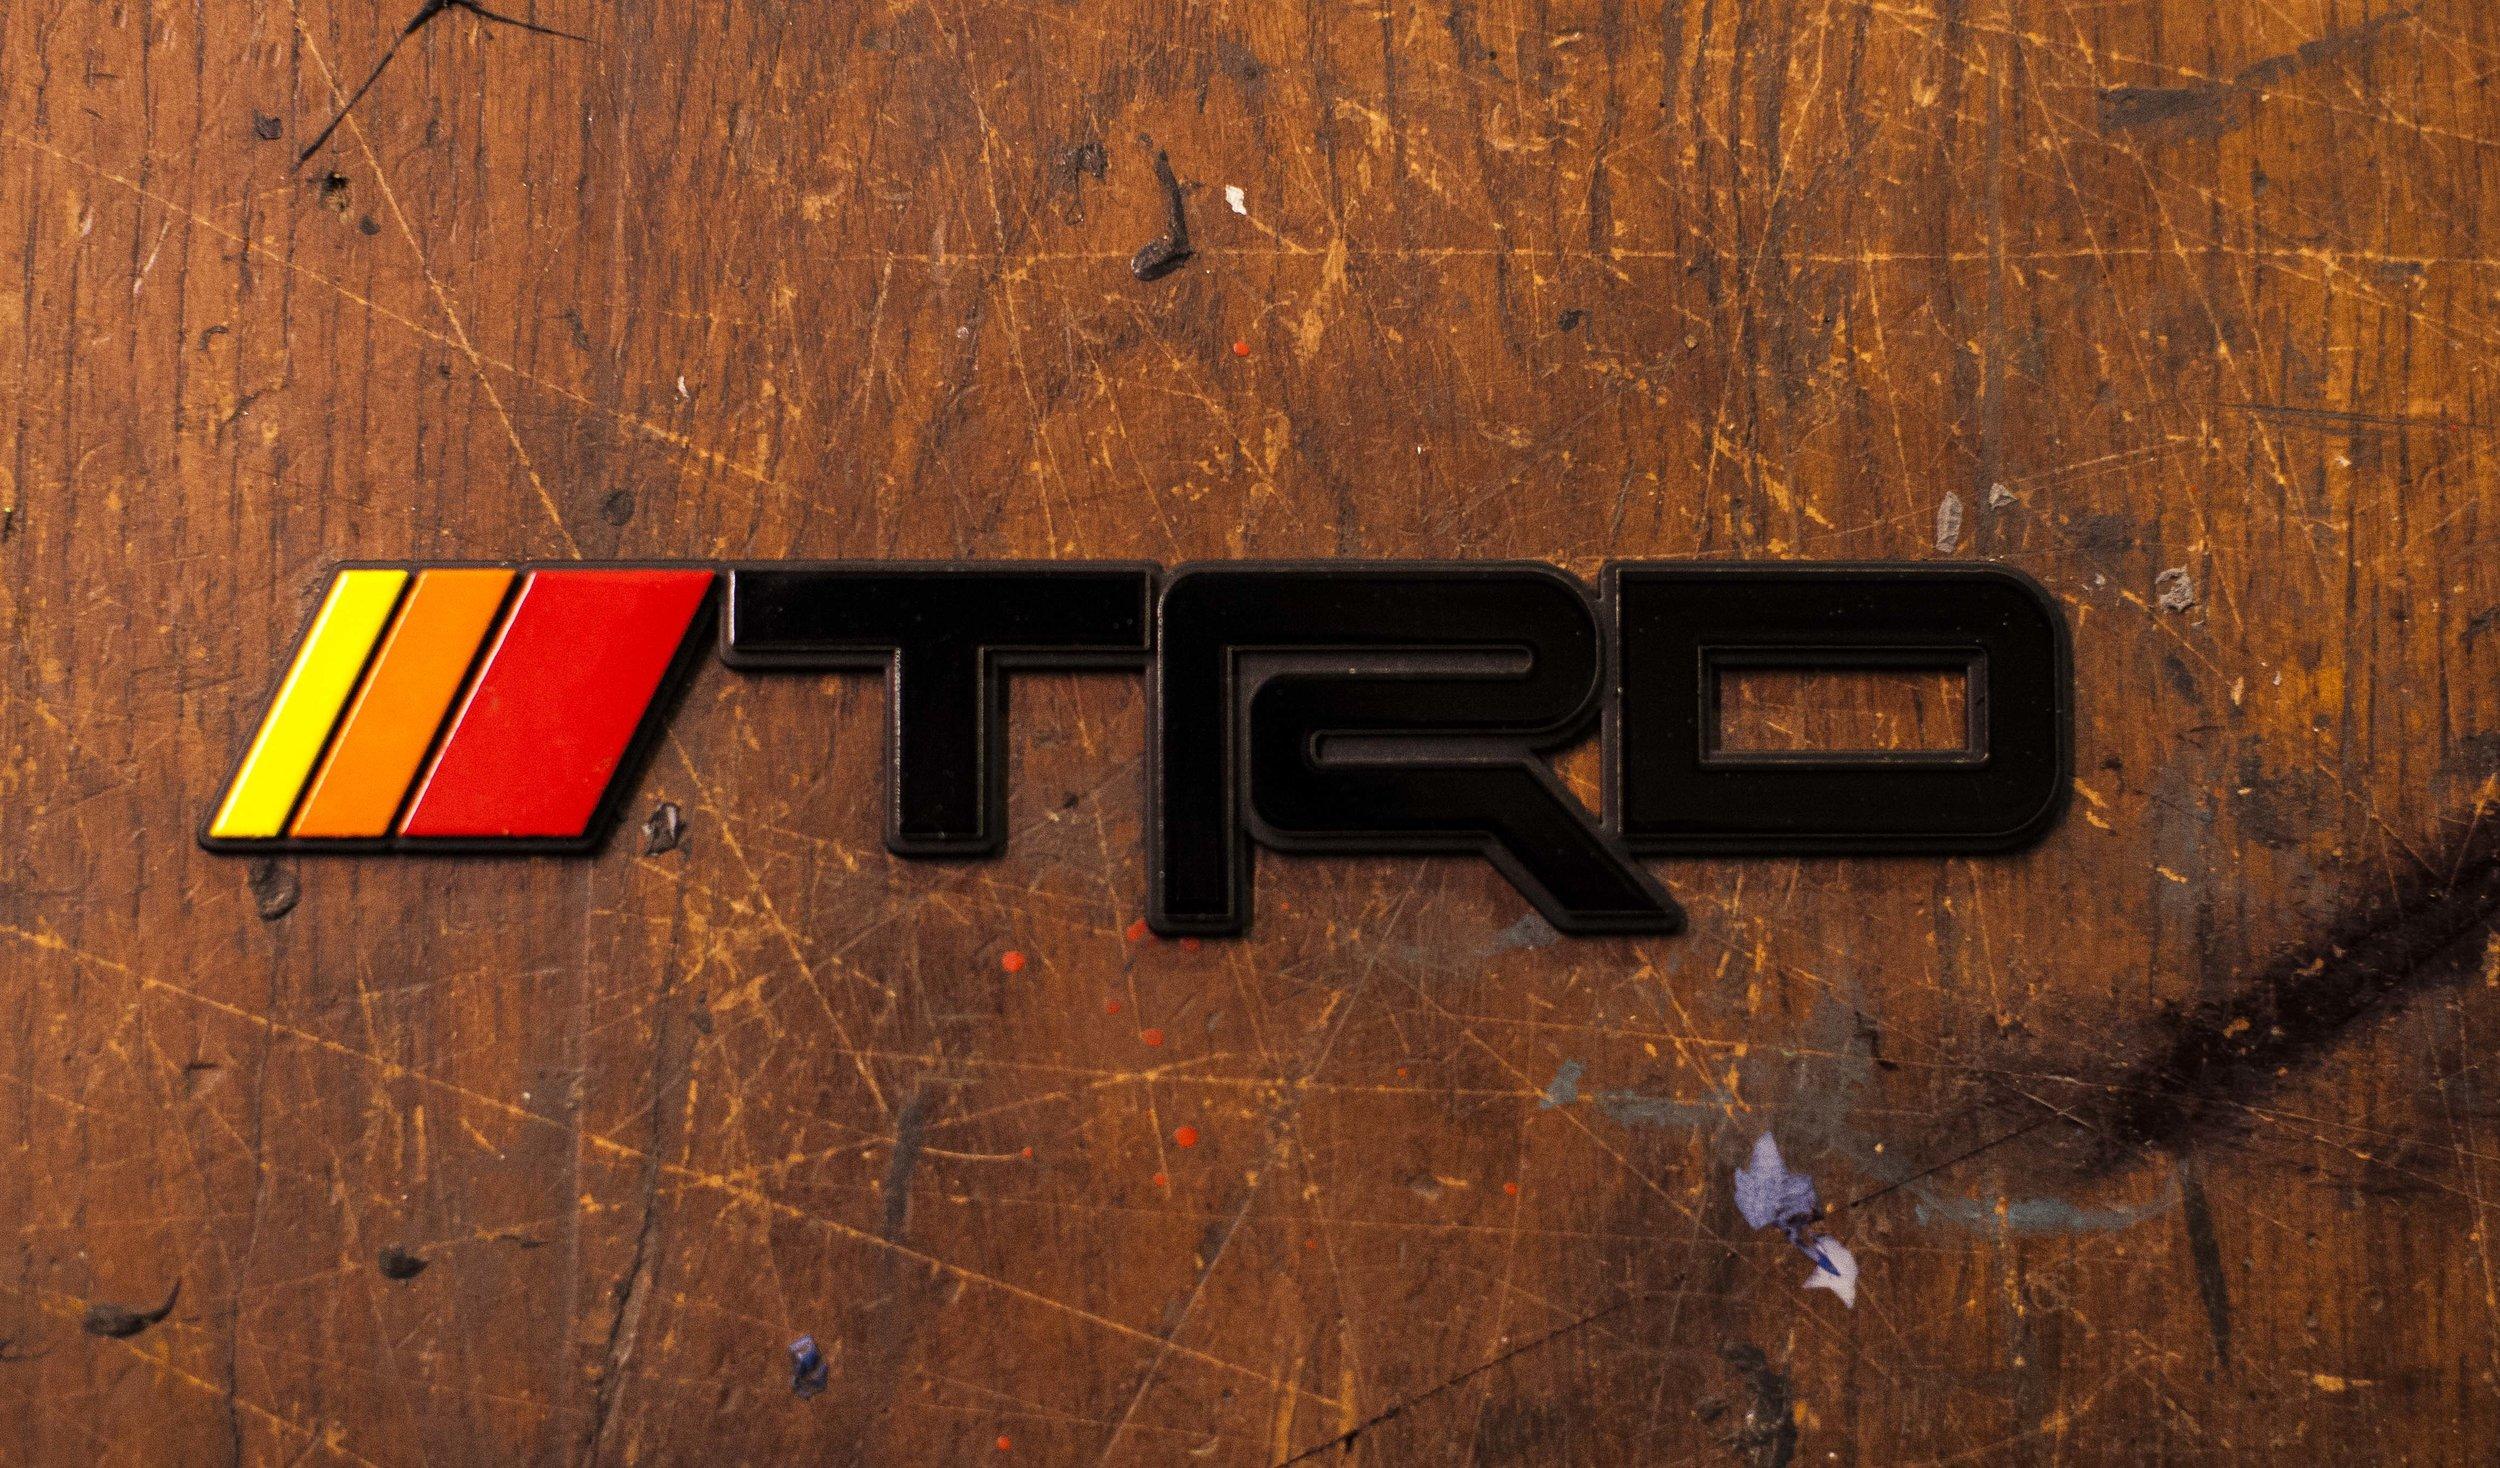 Trd Toyota 4runner Vintage Badge Stainless Steel Kempter Kustoms